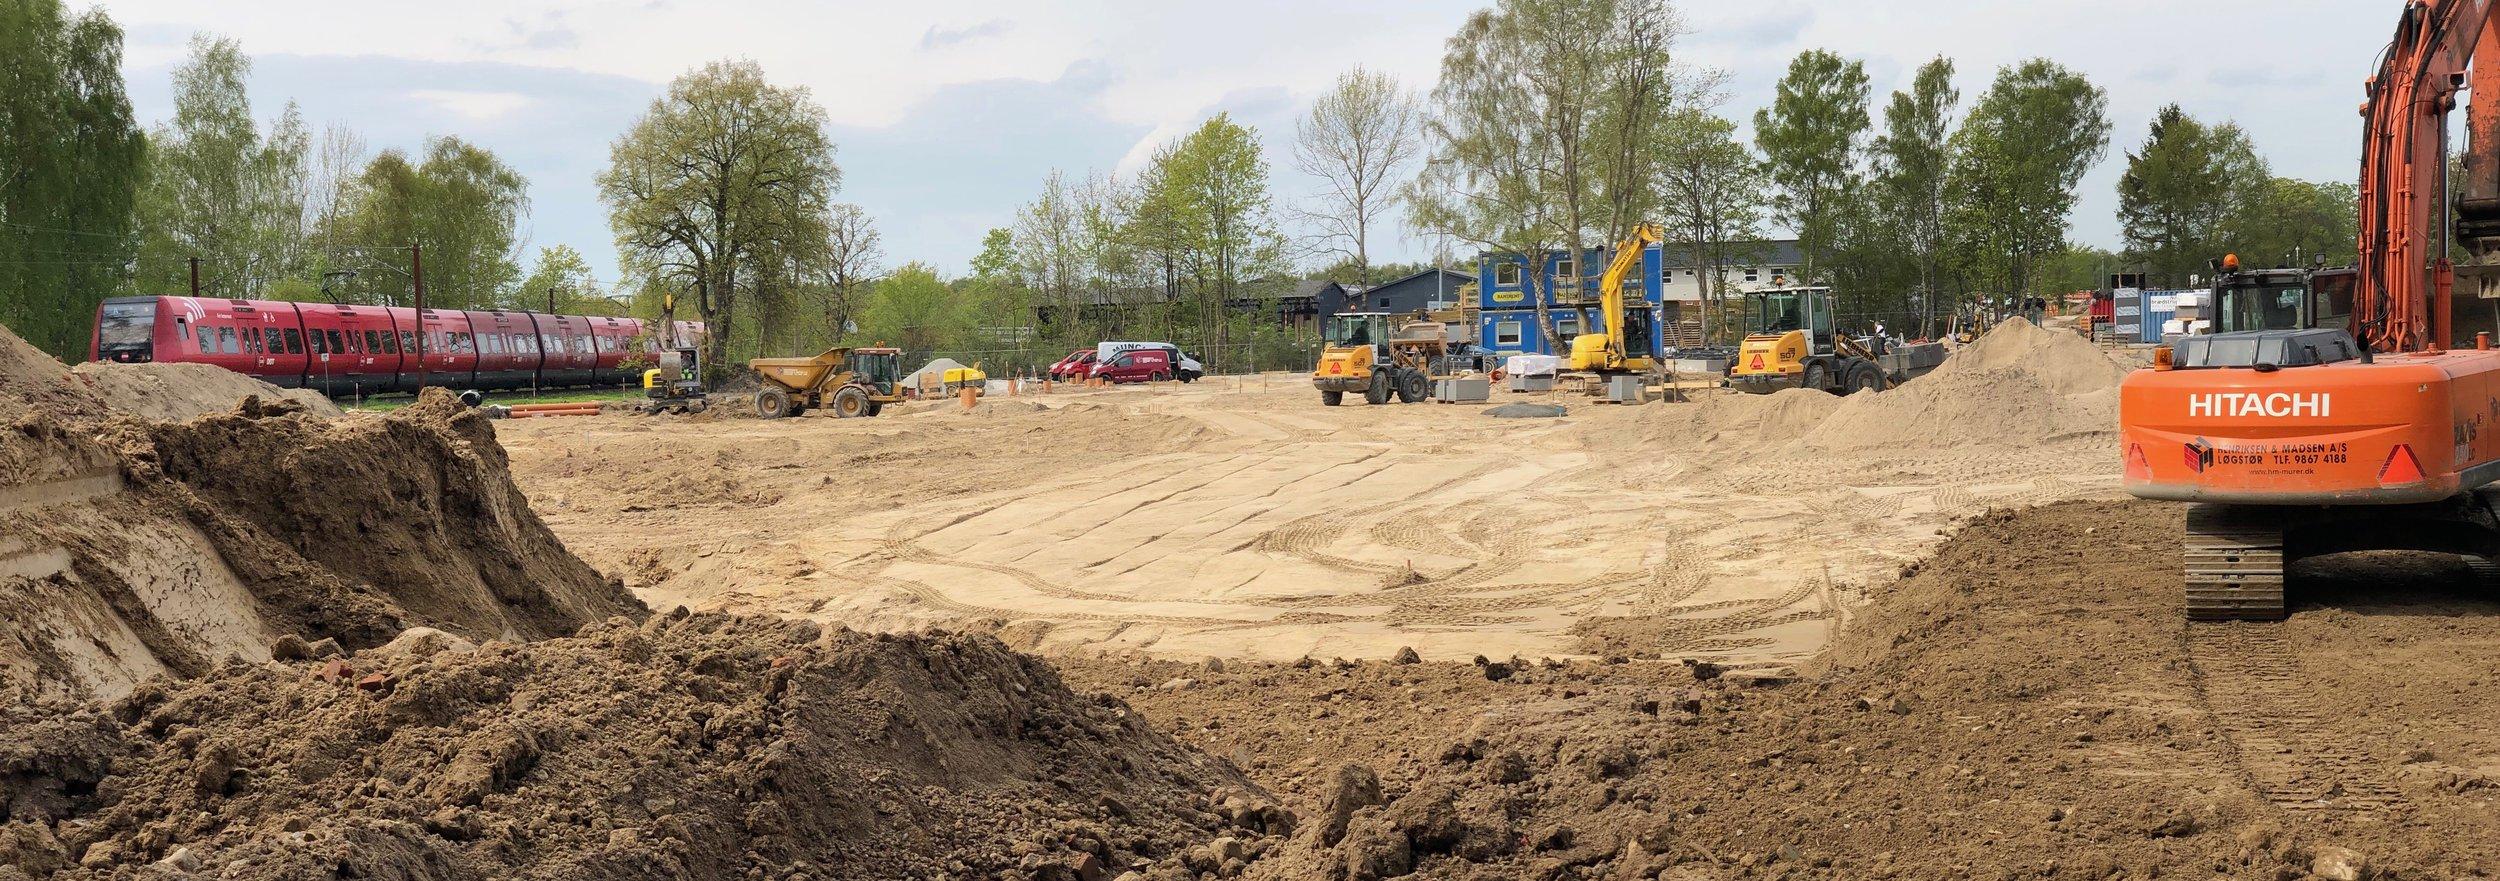 Den store byggeplads er omkranset af store midlertidige jordvolde, så der er faktisk kun fra S-banen, at man kan opleve aktiviteten på pladsen. Foto: AOB